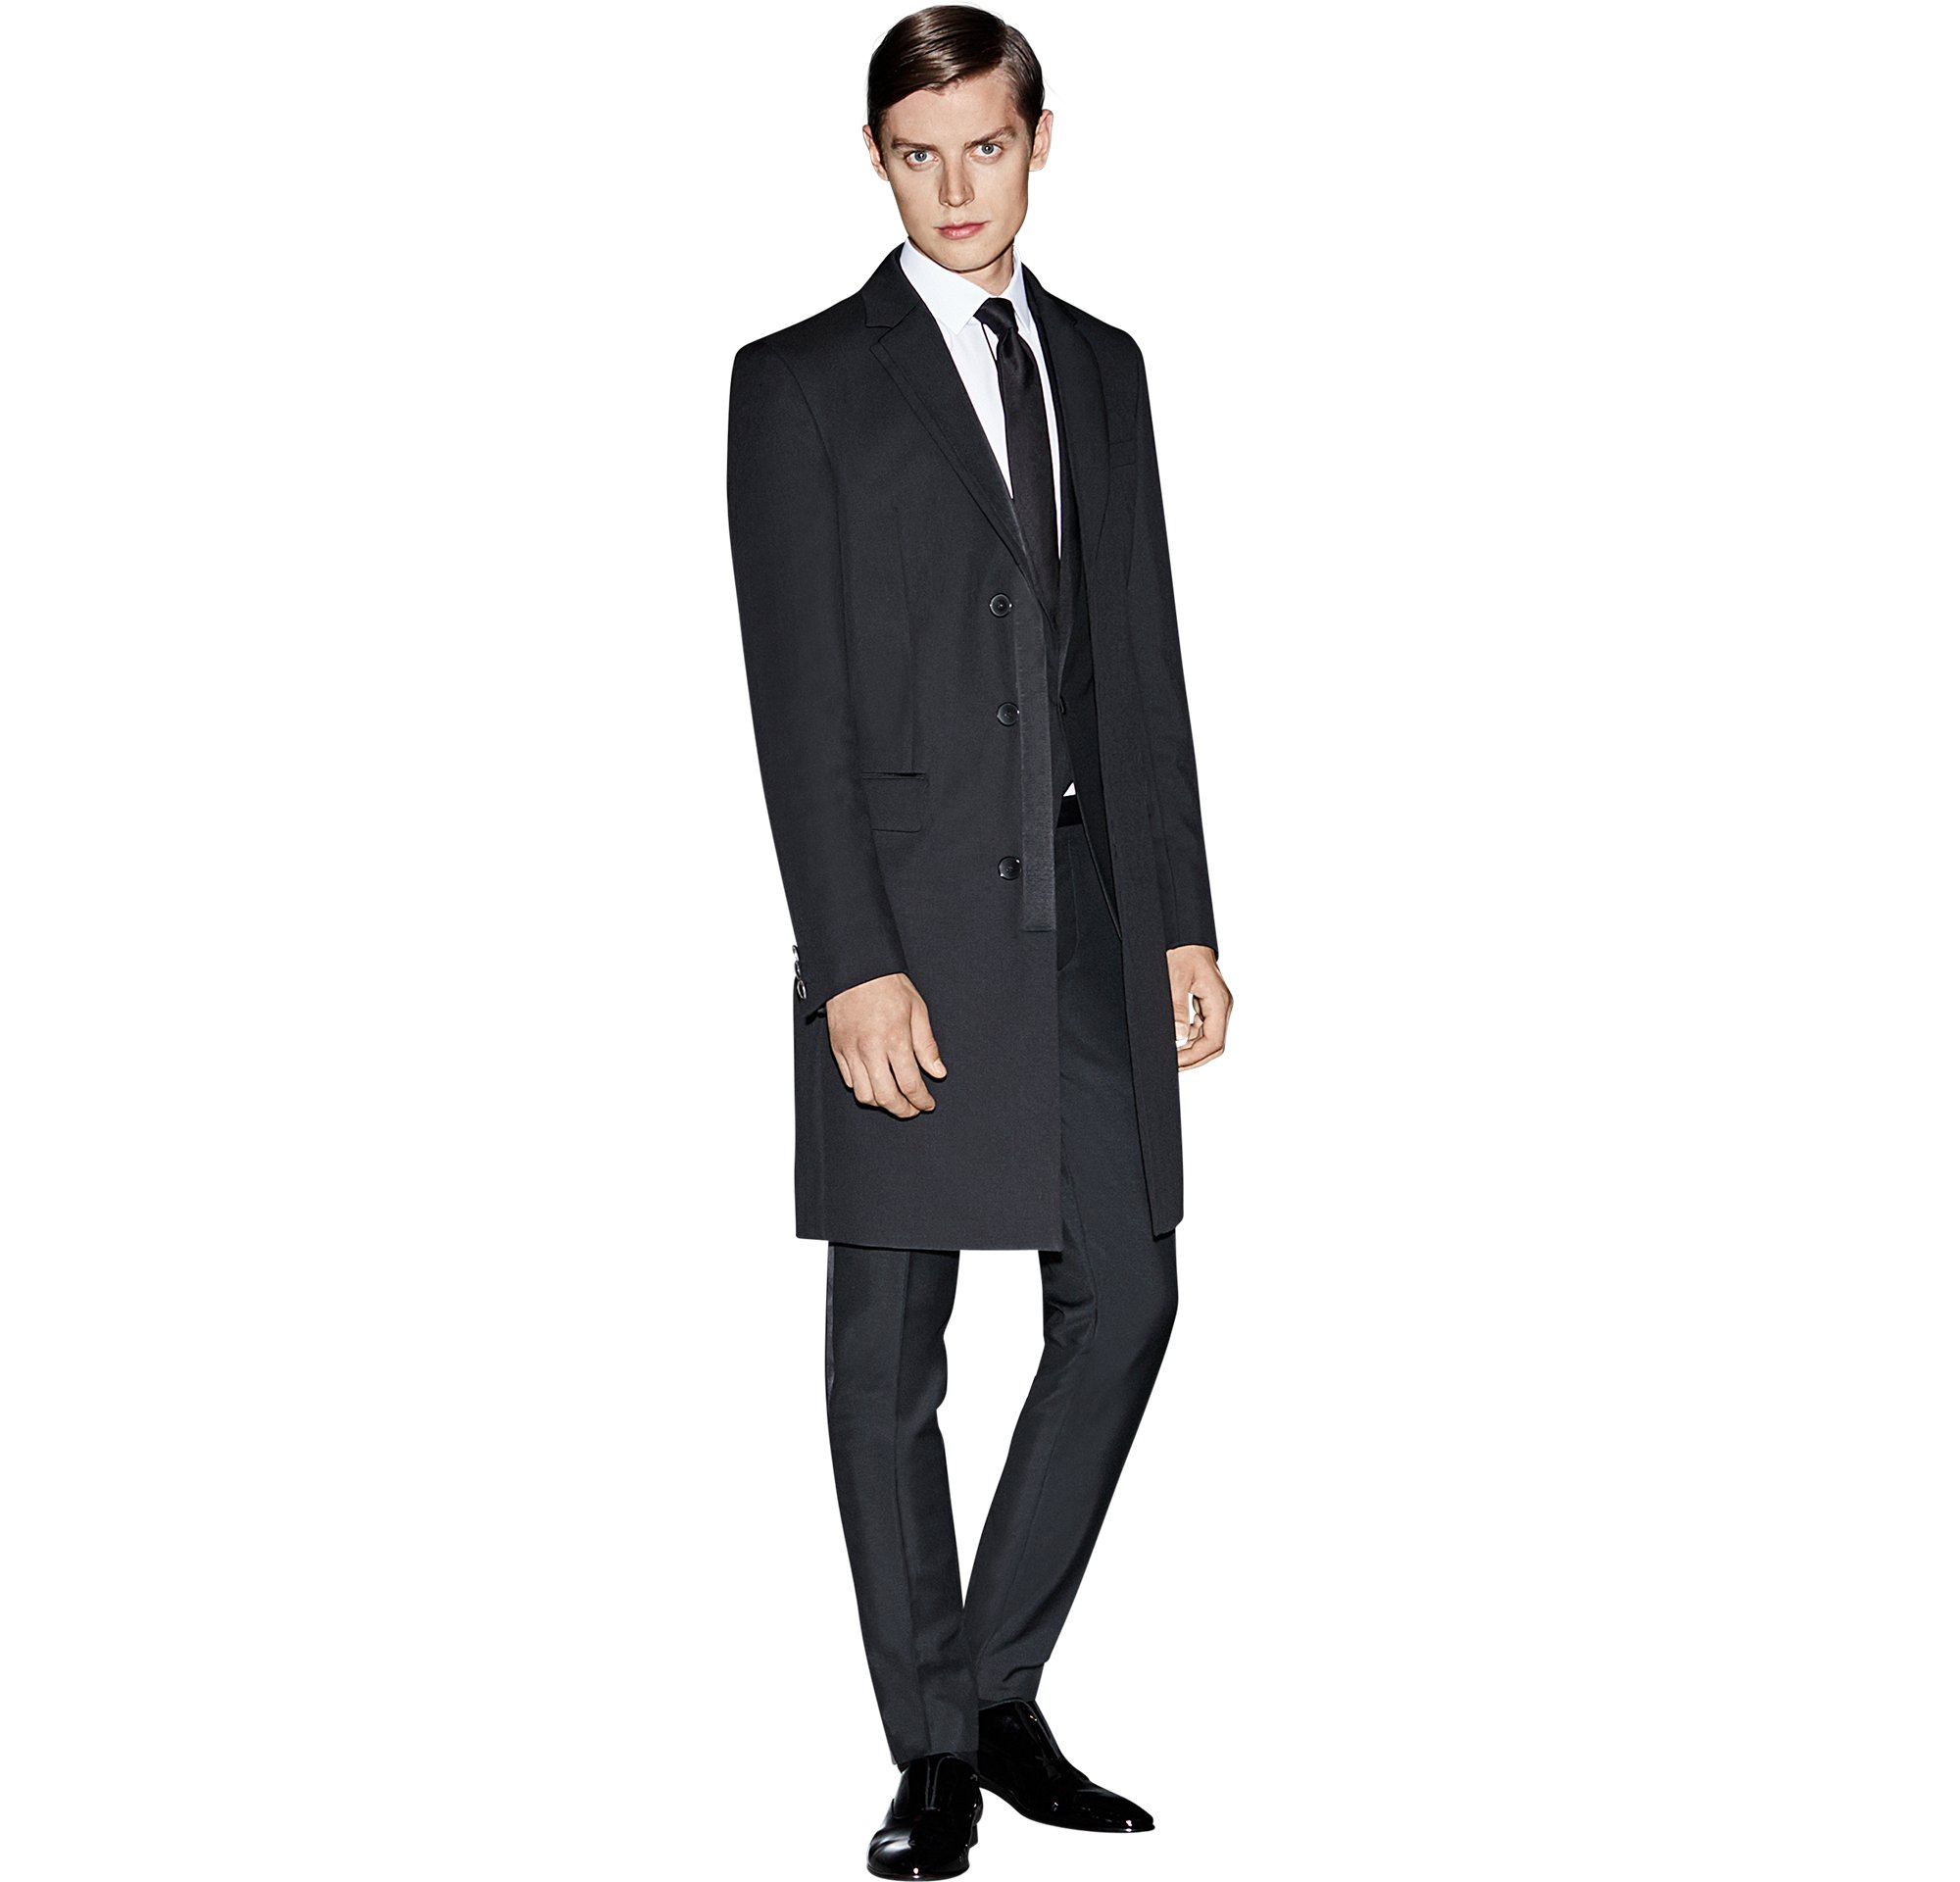 Schwarzer Mantel über schwarzem Anzug, weißes Hemd mit schwarzer Krawatte und schwarze Schuhe von BOSS